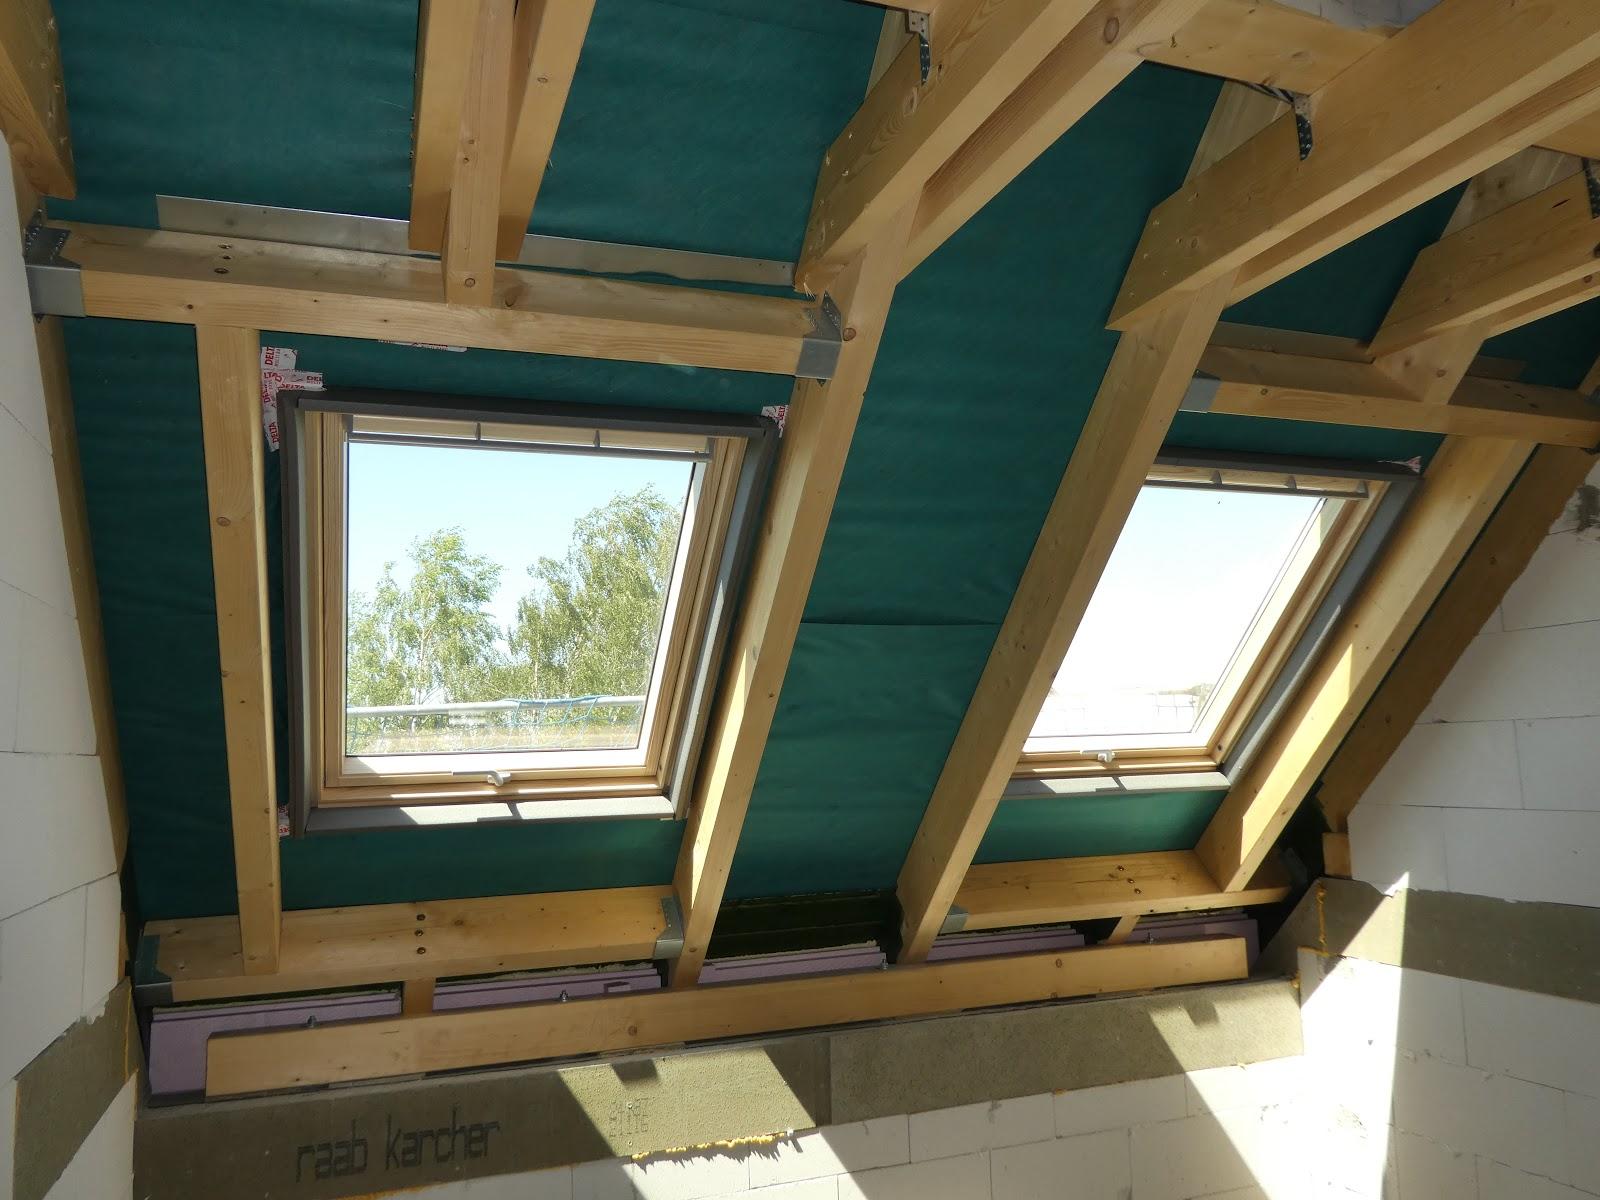 der blog von hausbauberater.de: sonnenschutz am dachfenster – so